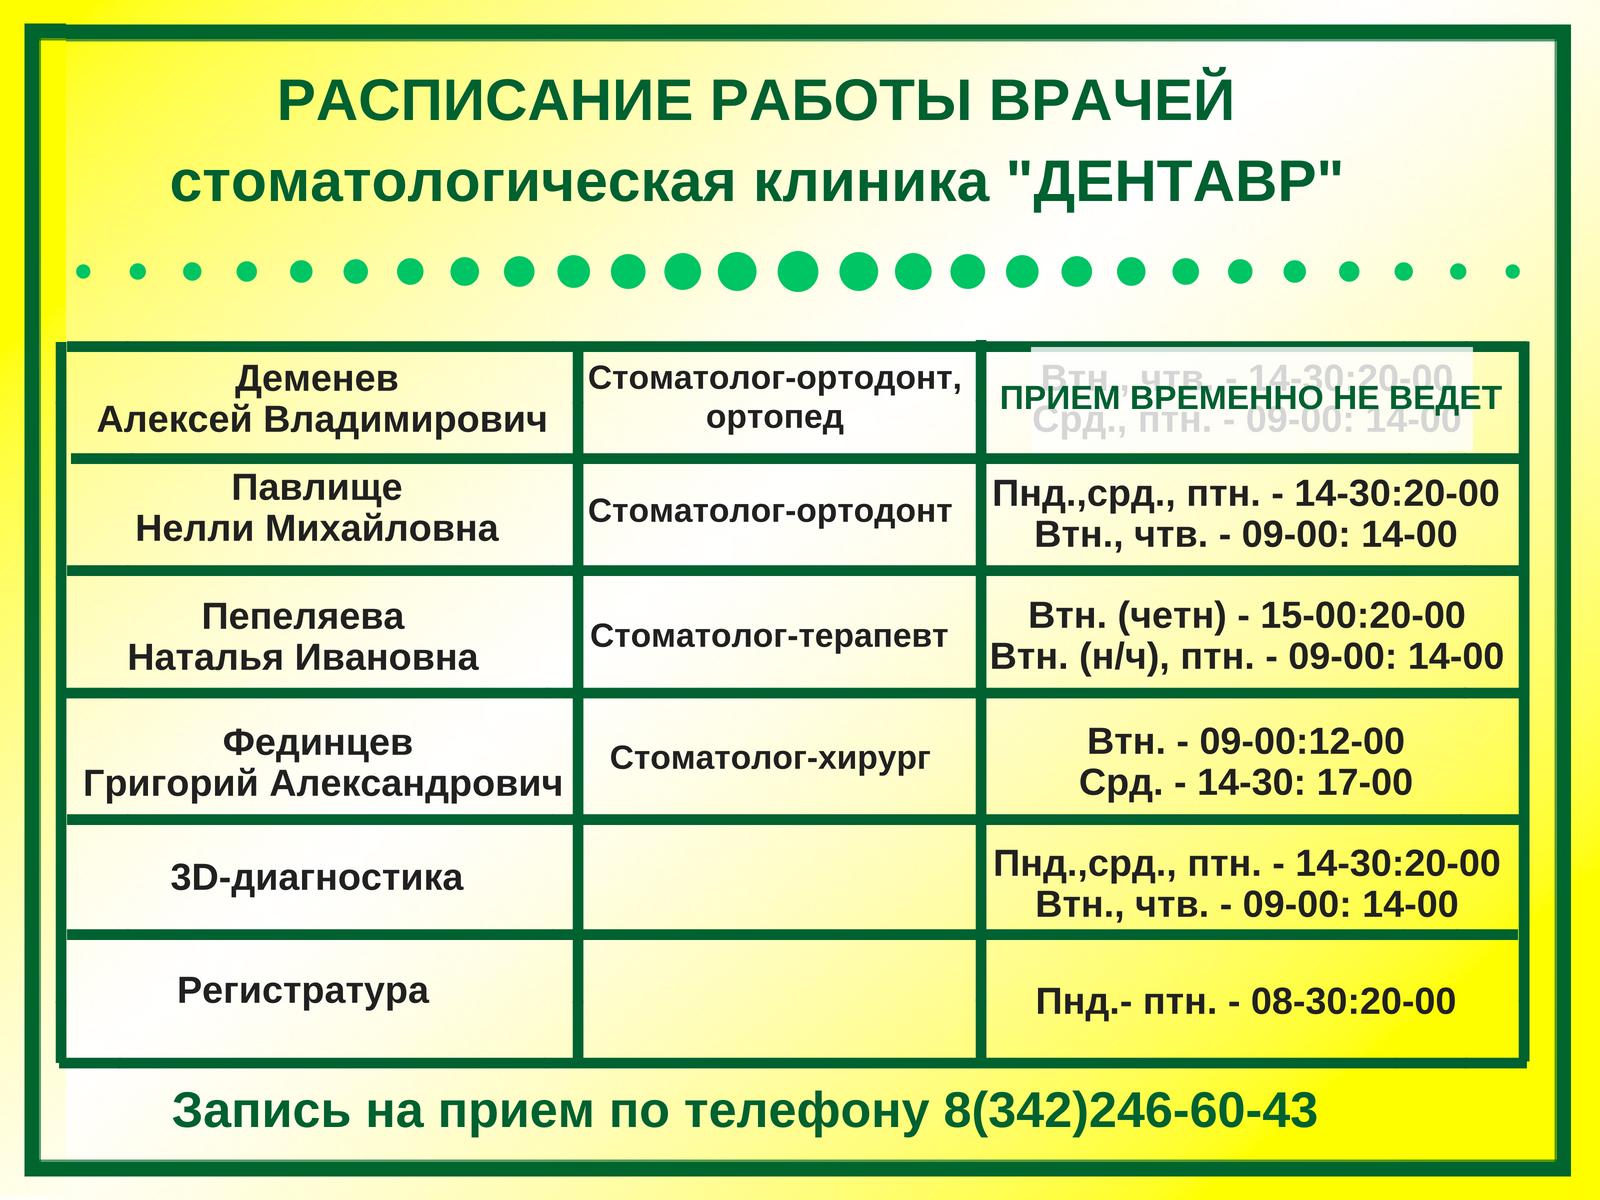 raspisanie-rabotyi-vrachey-1